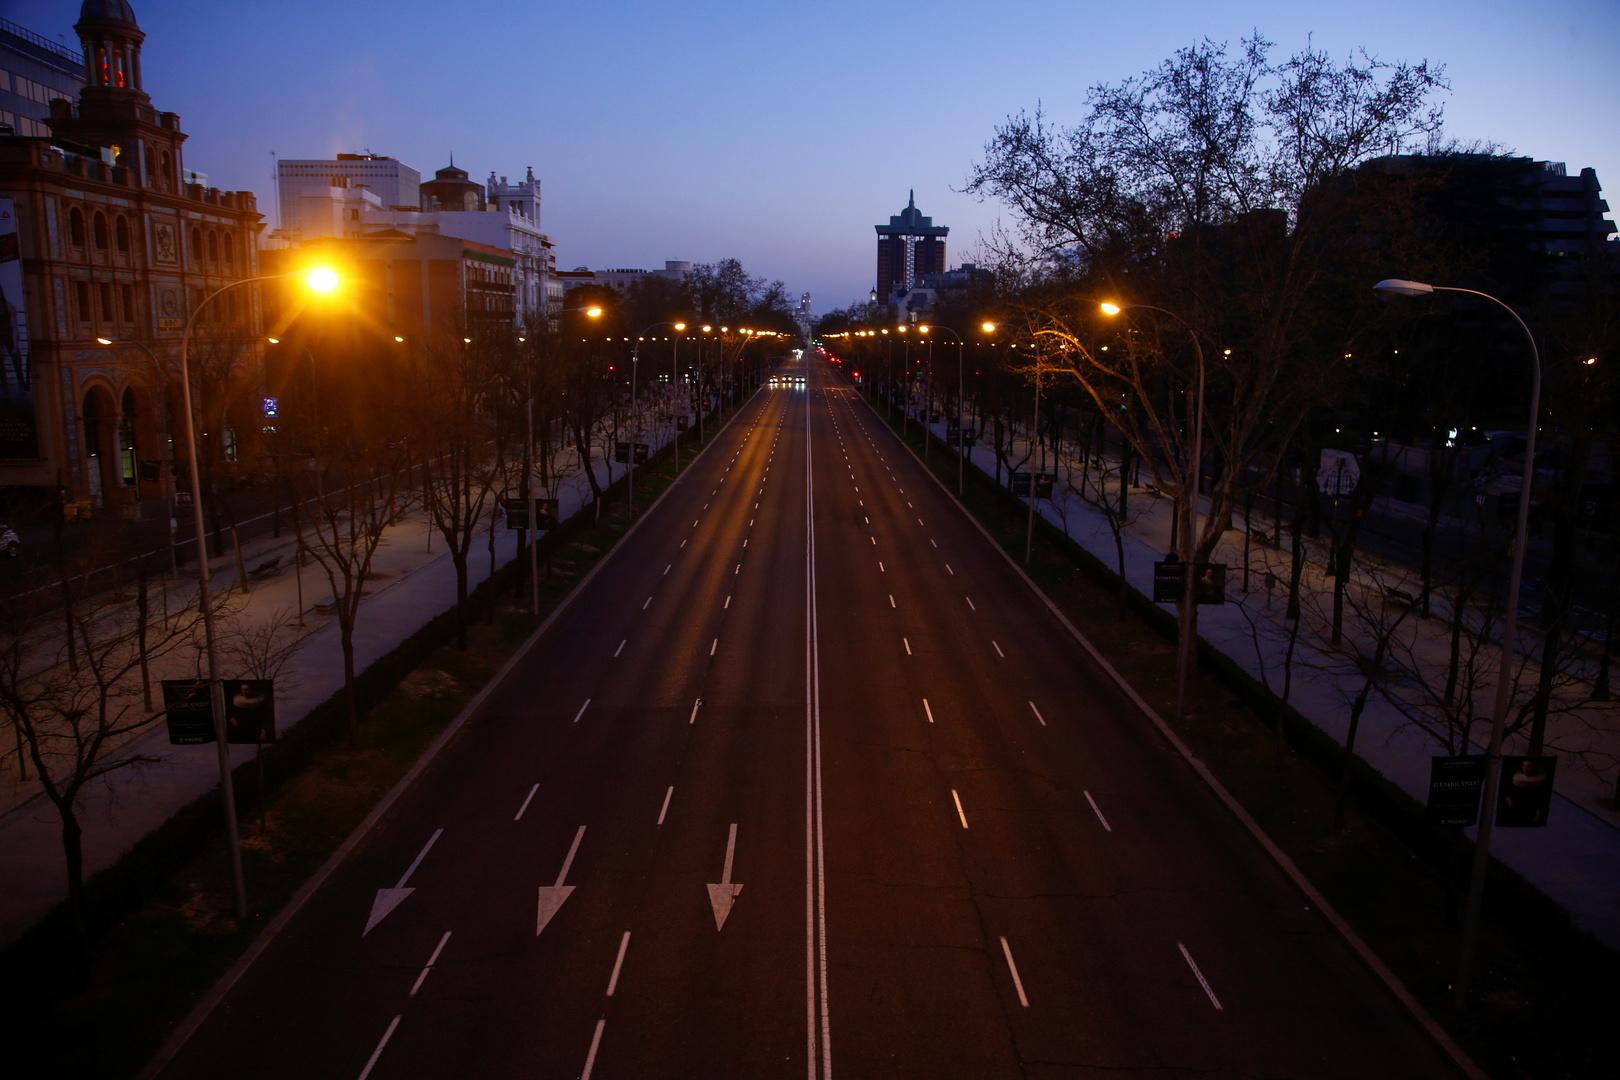 قيود كورونا تقلل عدد ضحايا حوادث السير في إسبانيا إلى أدنى مستوى